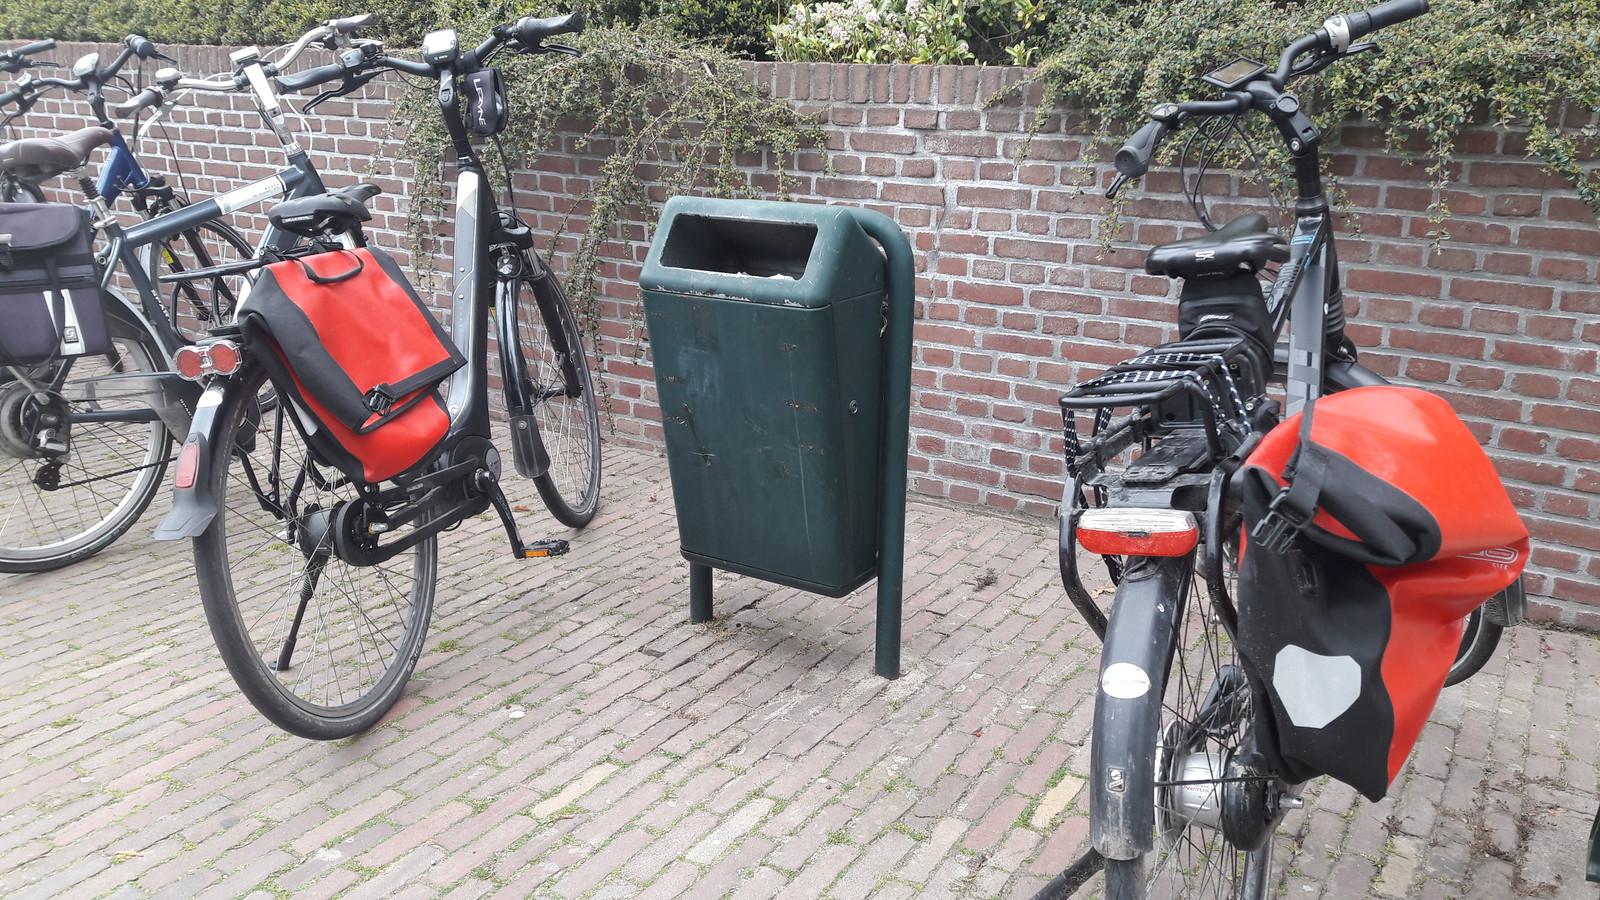 Woede over het verzetten van een fiets.